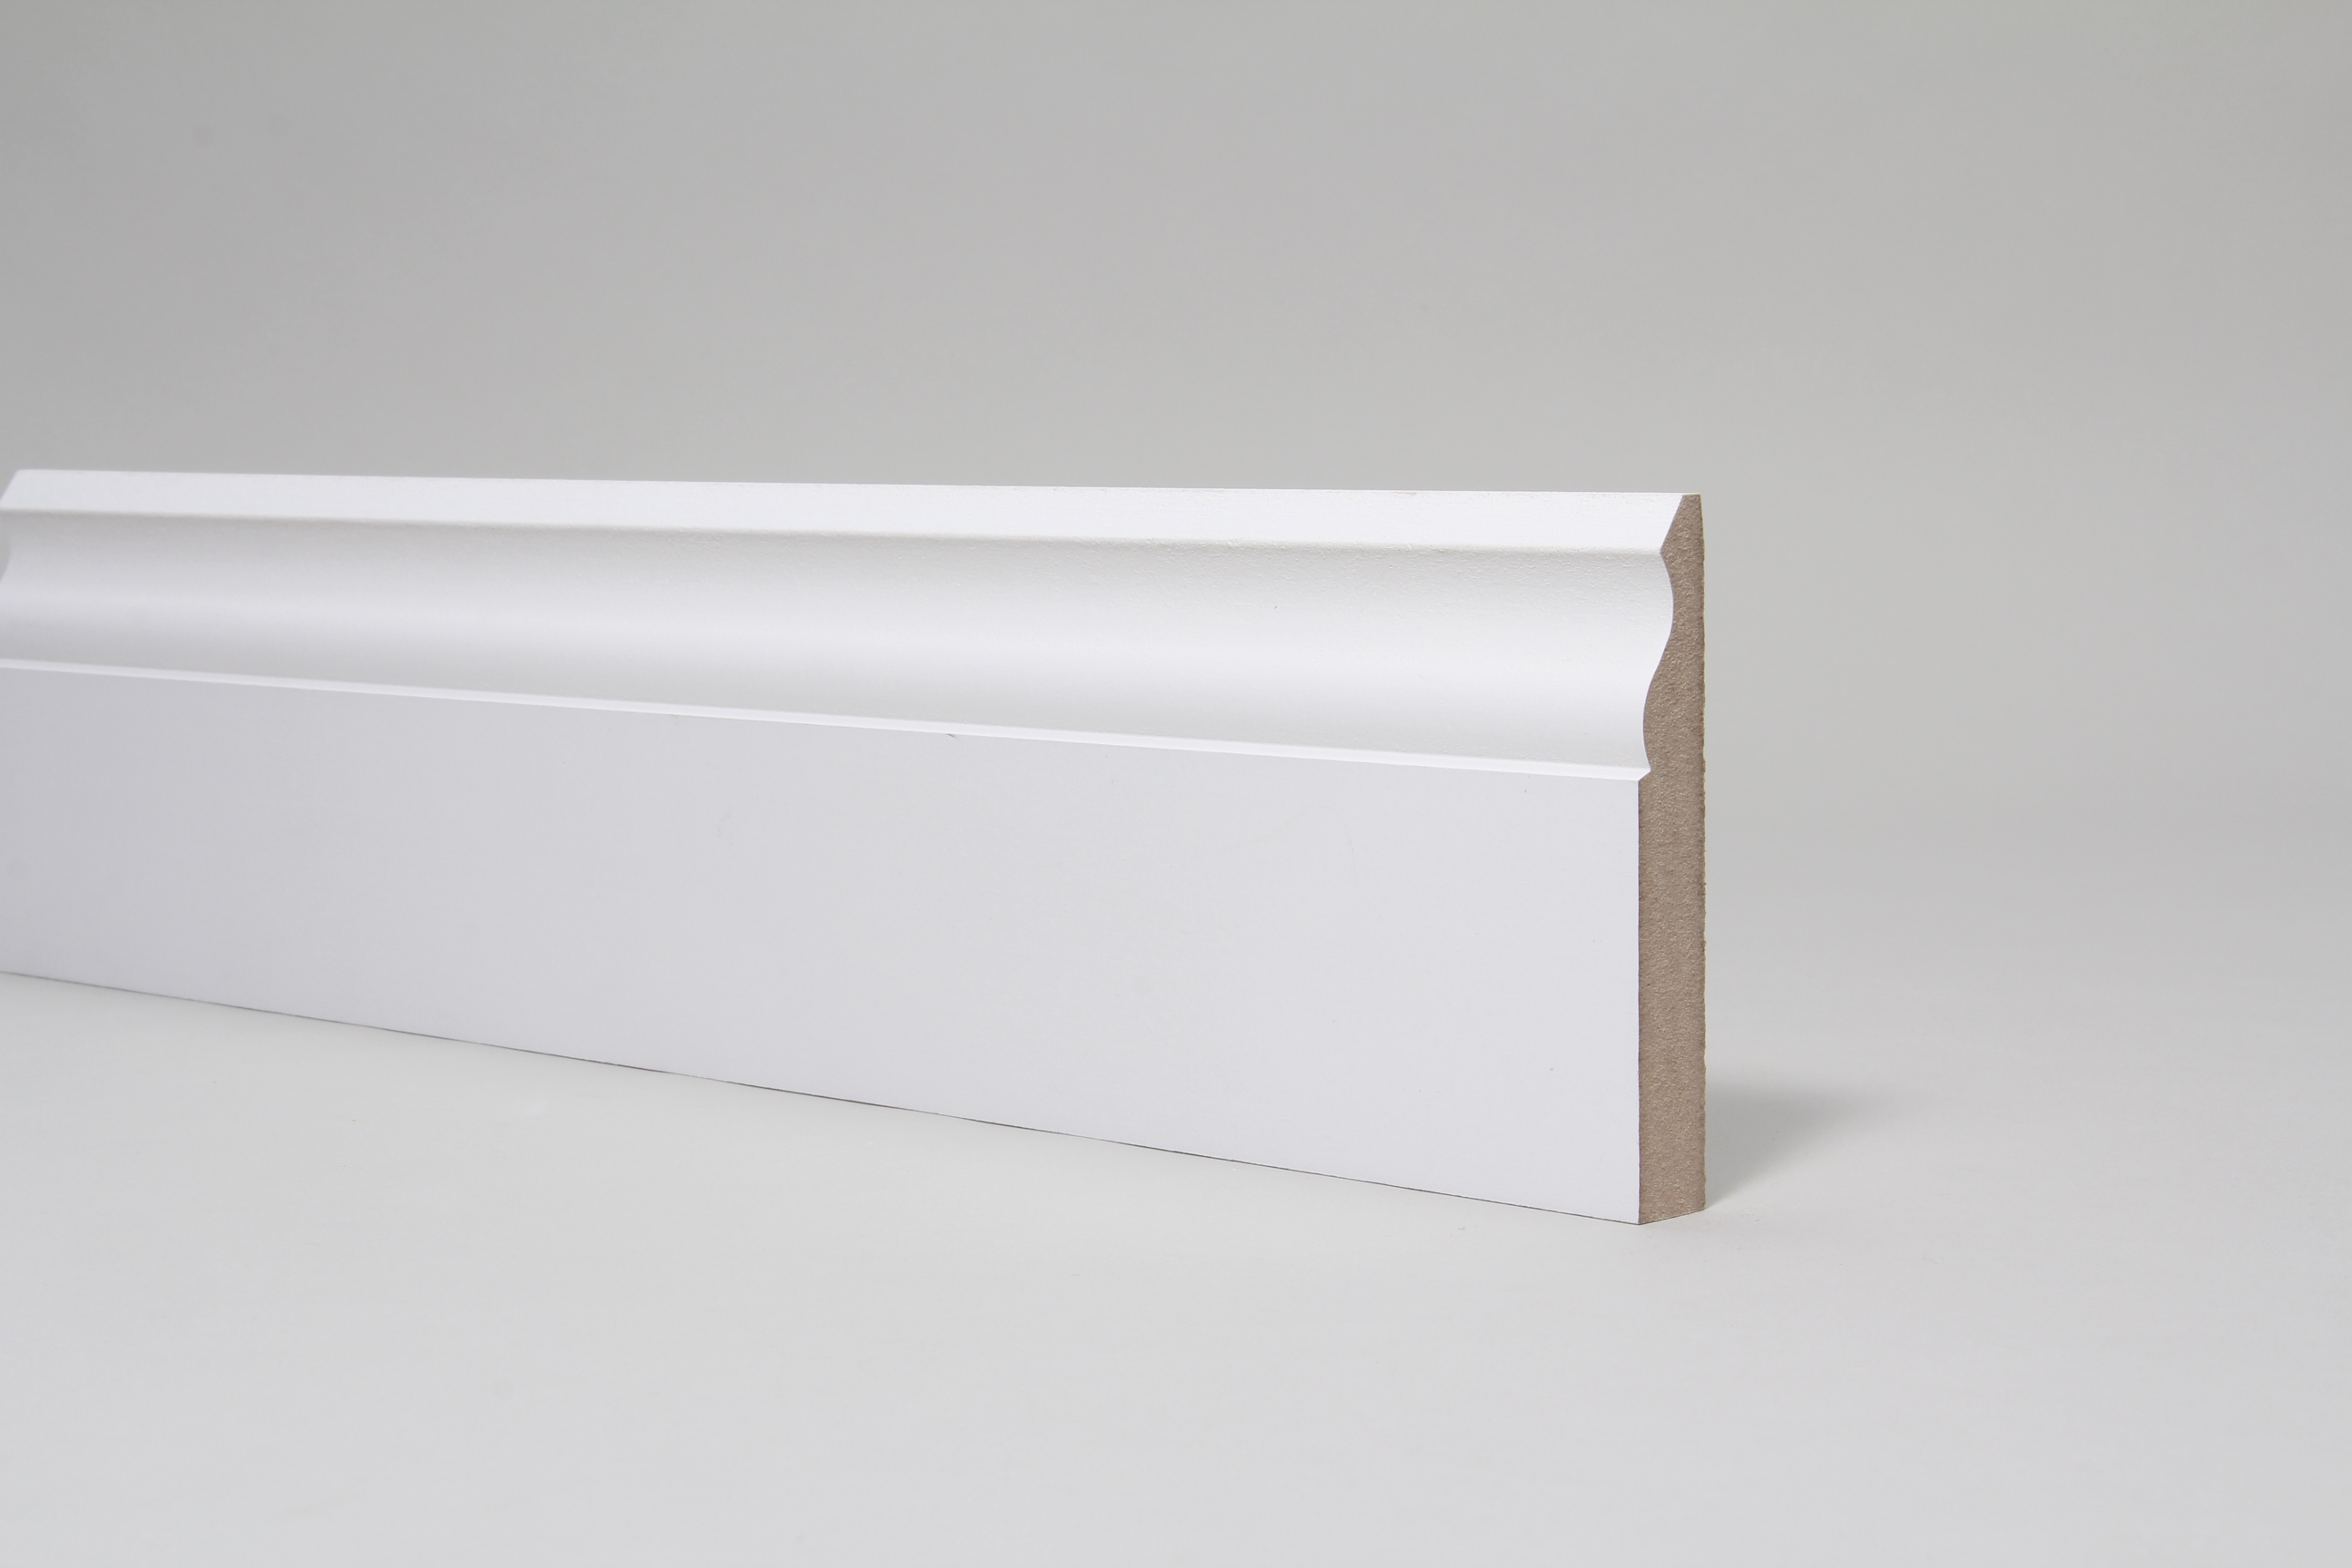 Product information for primer mould white primed mdf